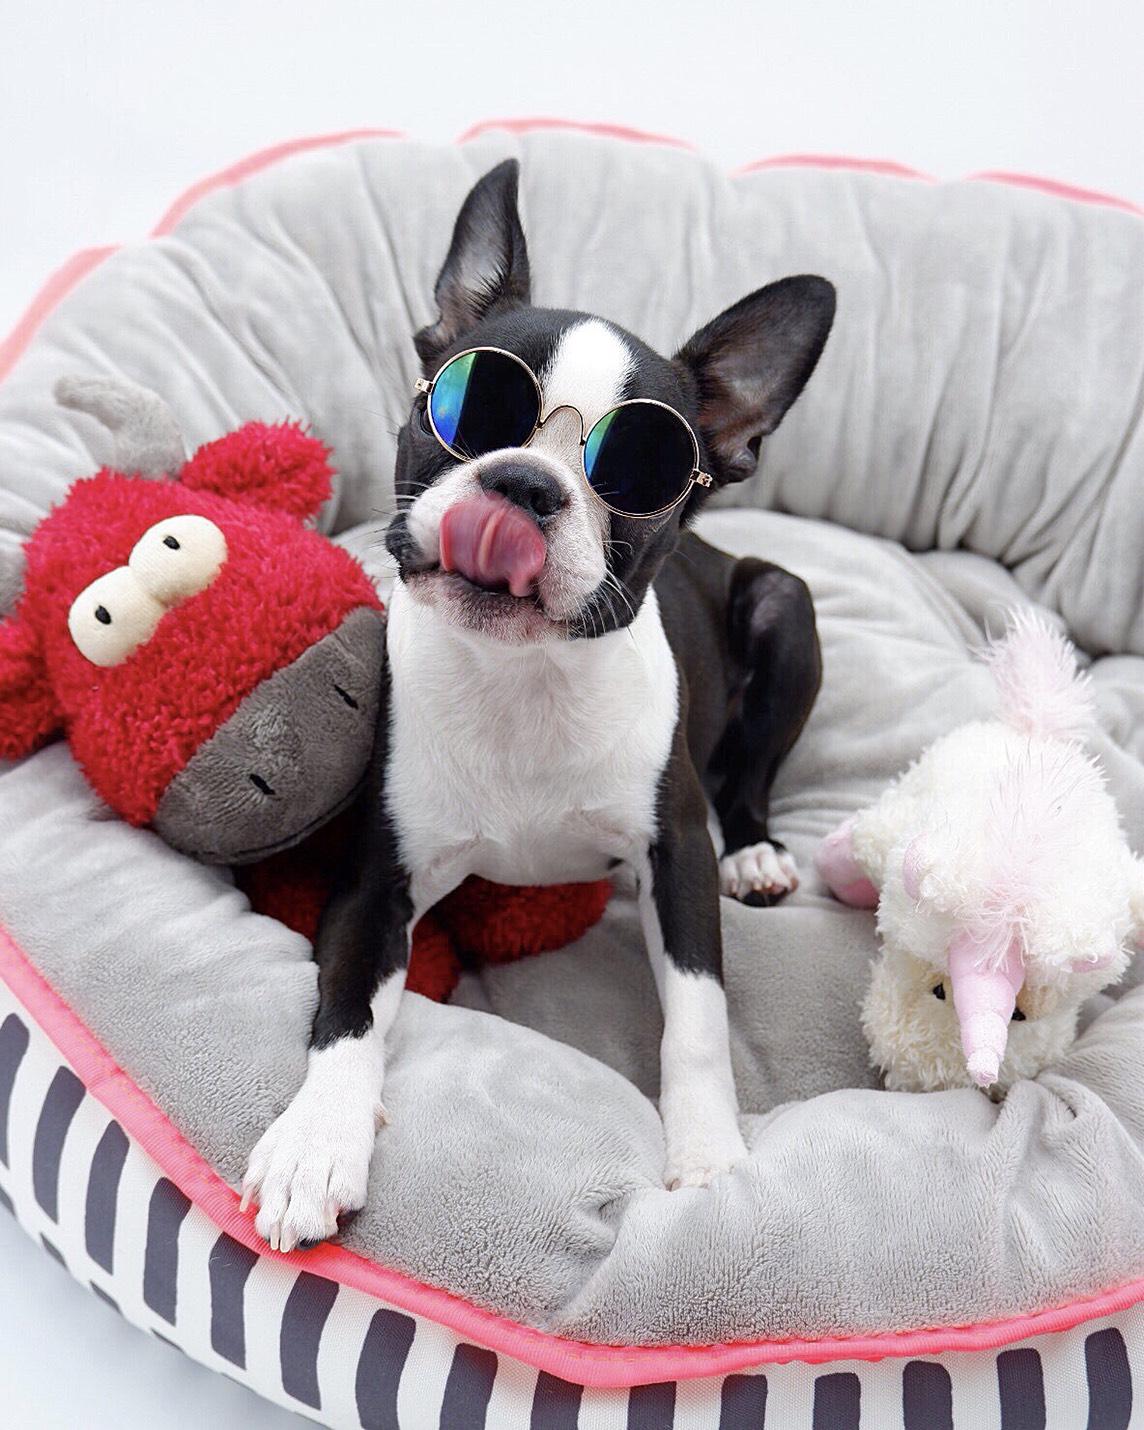 自宅のフォトスタジオにて、サングラスをかけられ撮影される犬・ボストンテリアのへちまちゃん